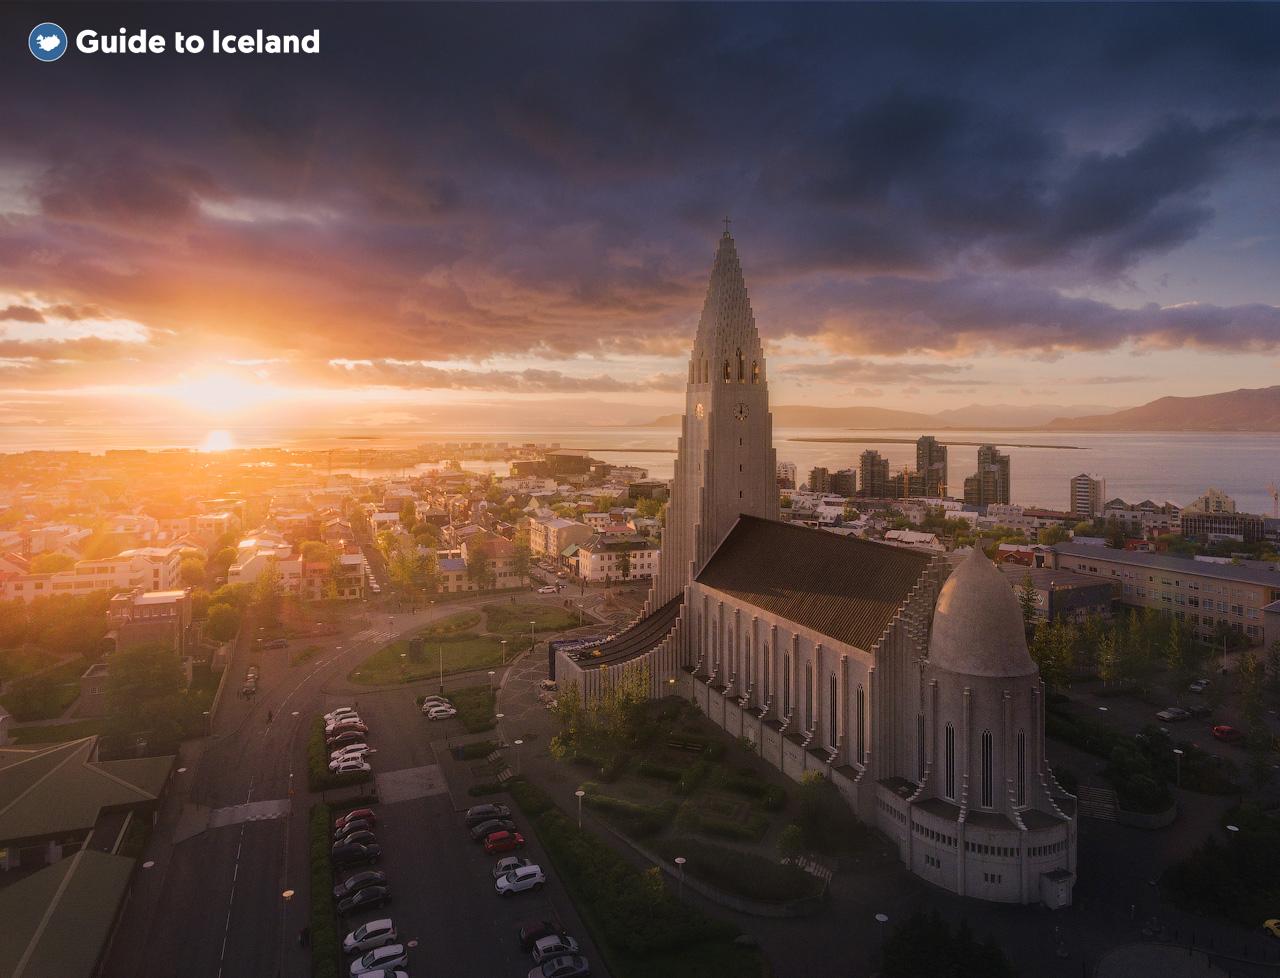 La capital de Islandia, Reikiavik, es famosa por sus tejados multicolores.